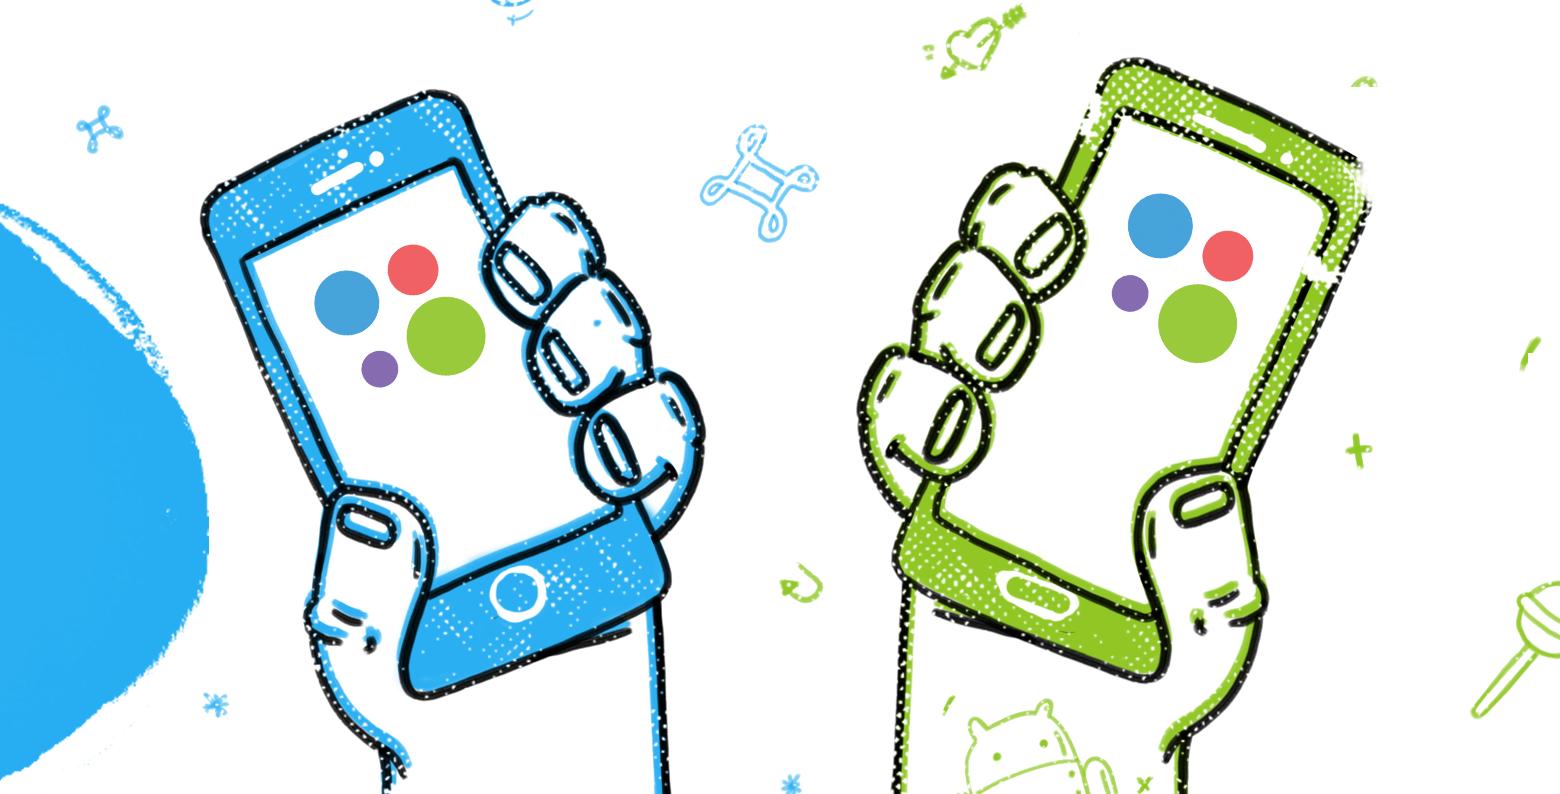 «Наше приложение как ТАРДИС: внутри больше, чем кажется снаружи» — Avito о мобильной разработке